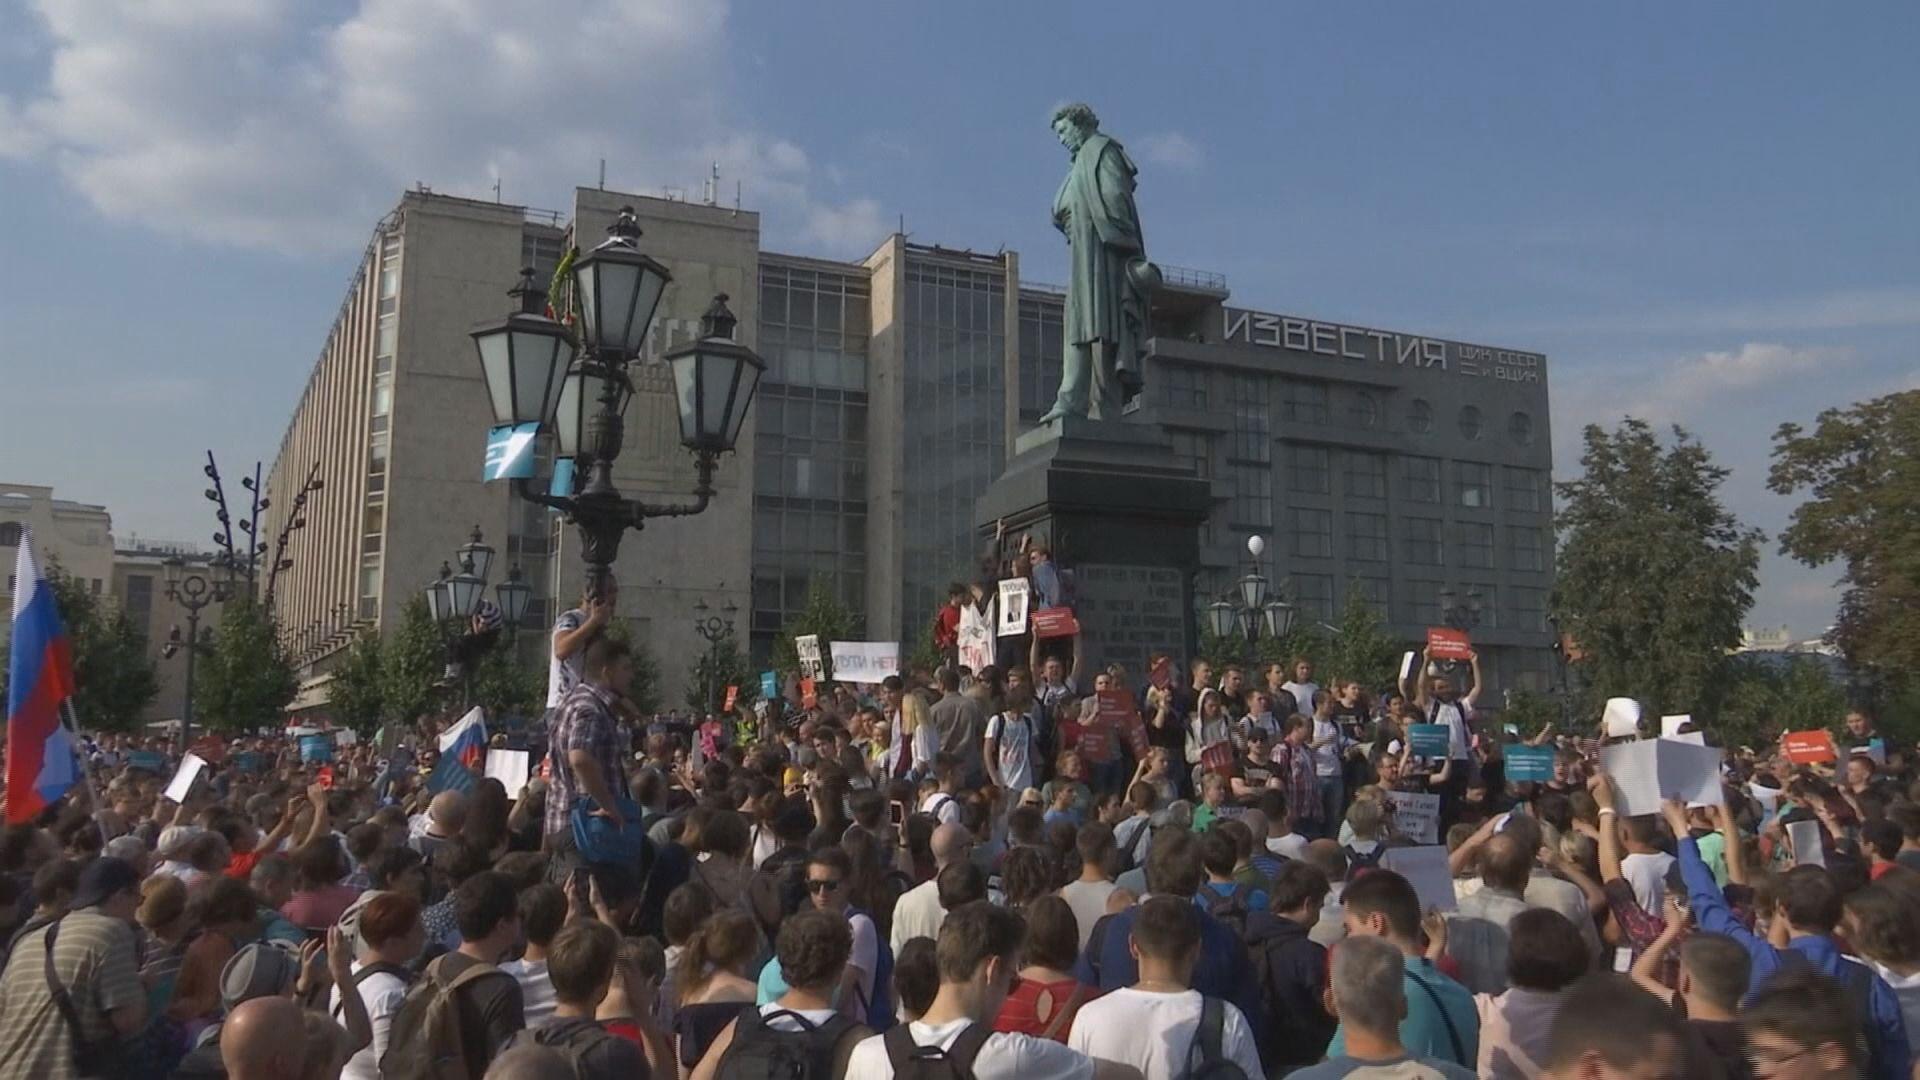 俄羅斯有示威反對提高退休年齡